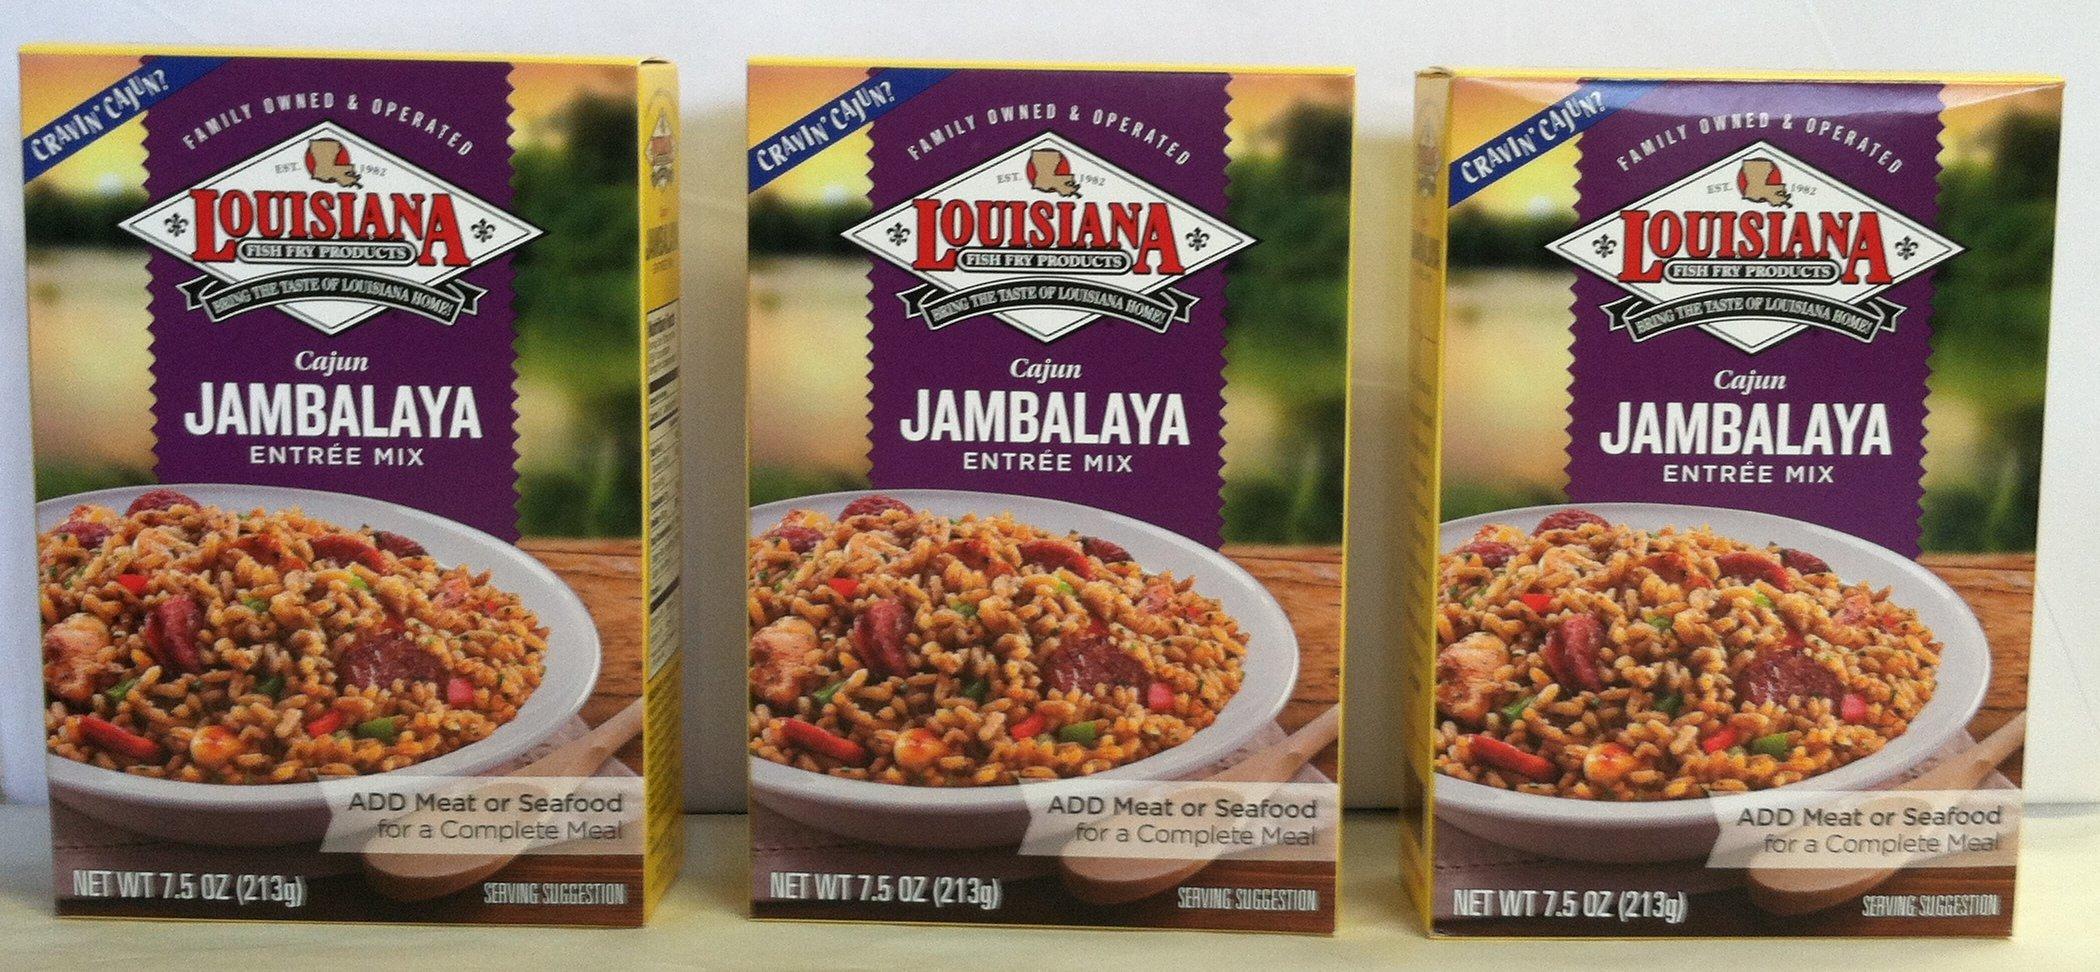 Louisiana Cajun Jambalaya Mix 3 Pack